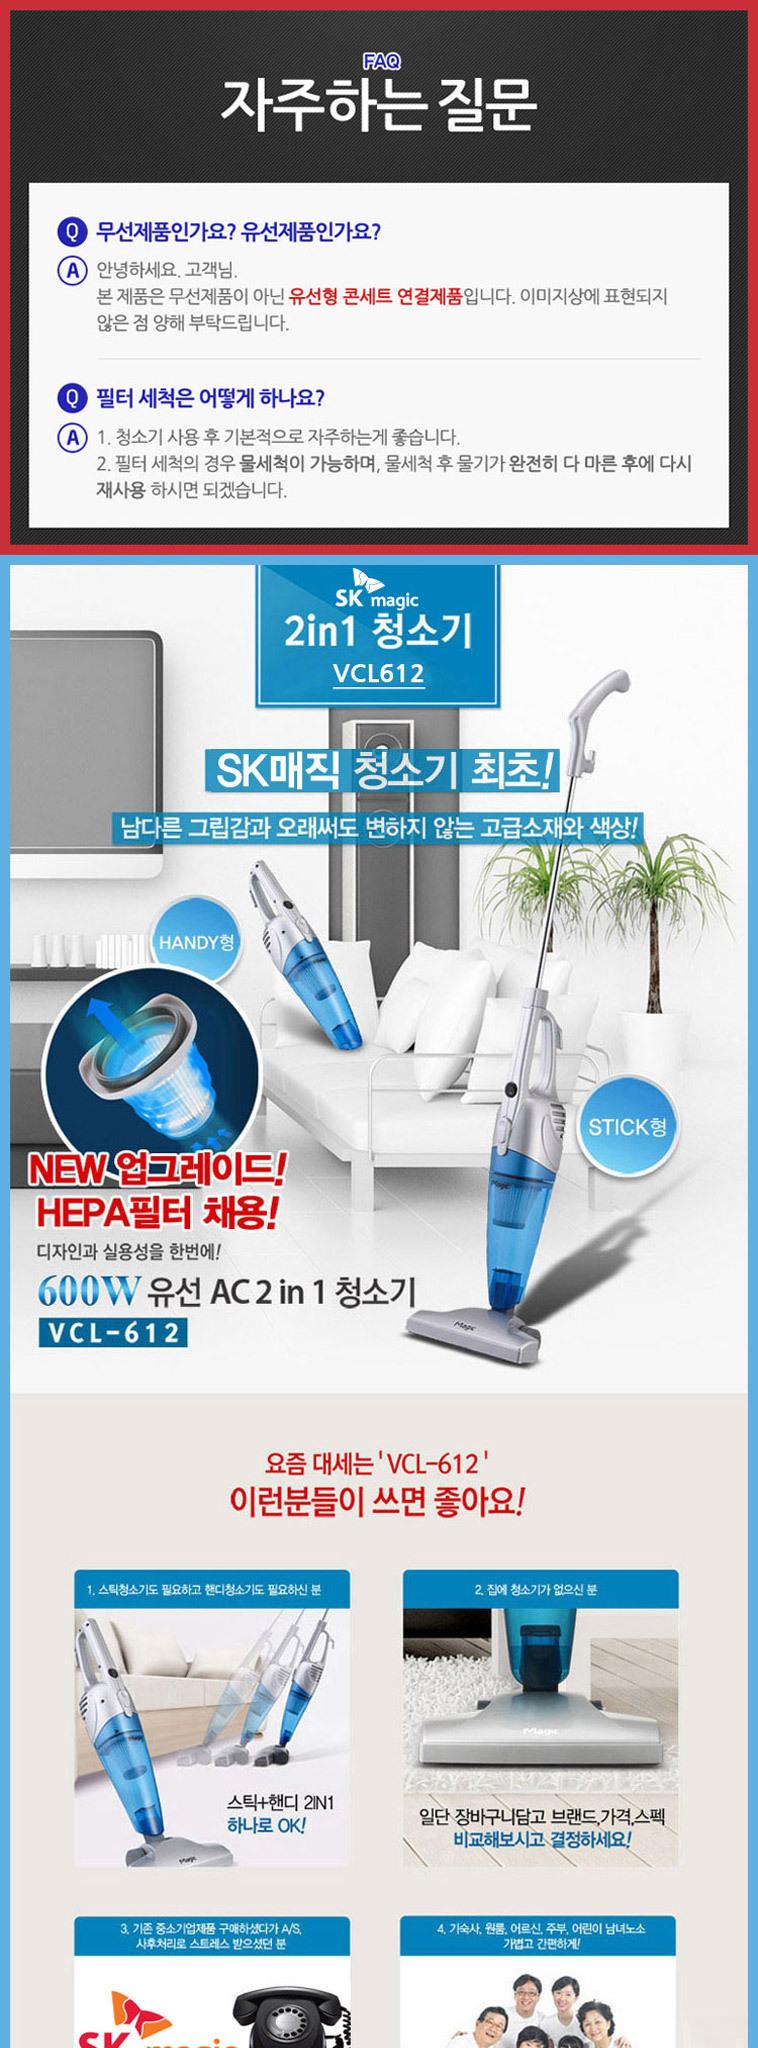 [명예의전당] SK매직 유선청소기 - 상세정보